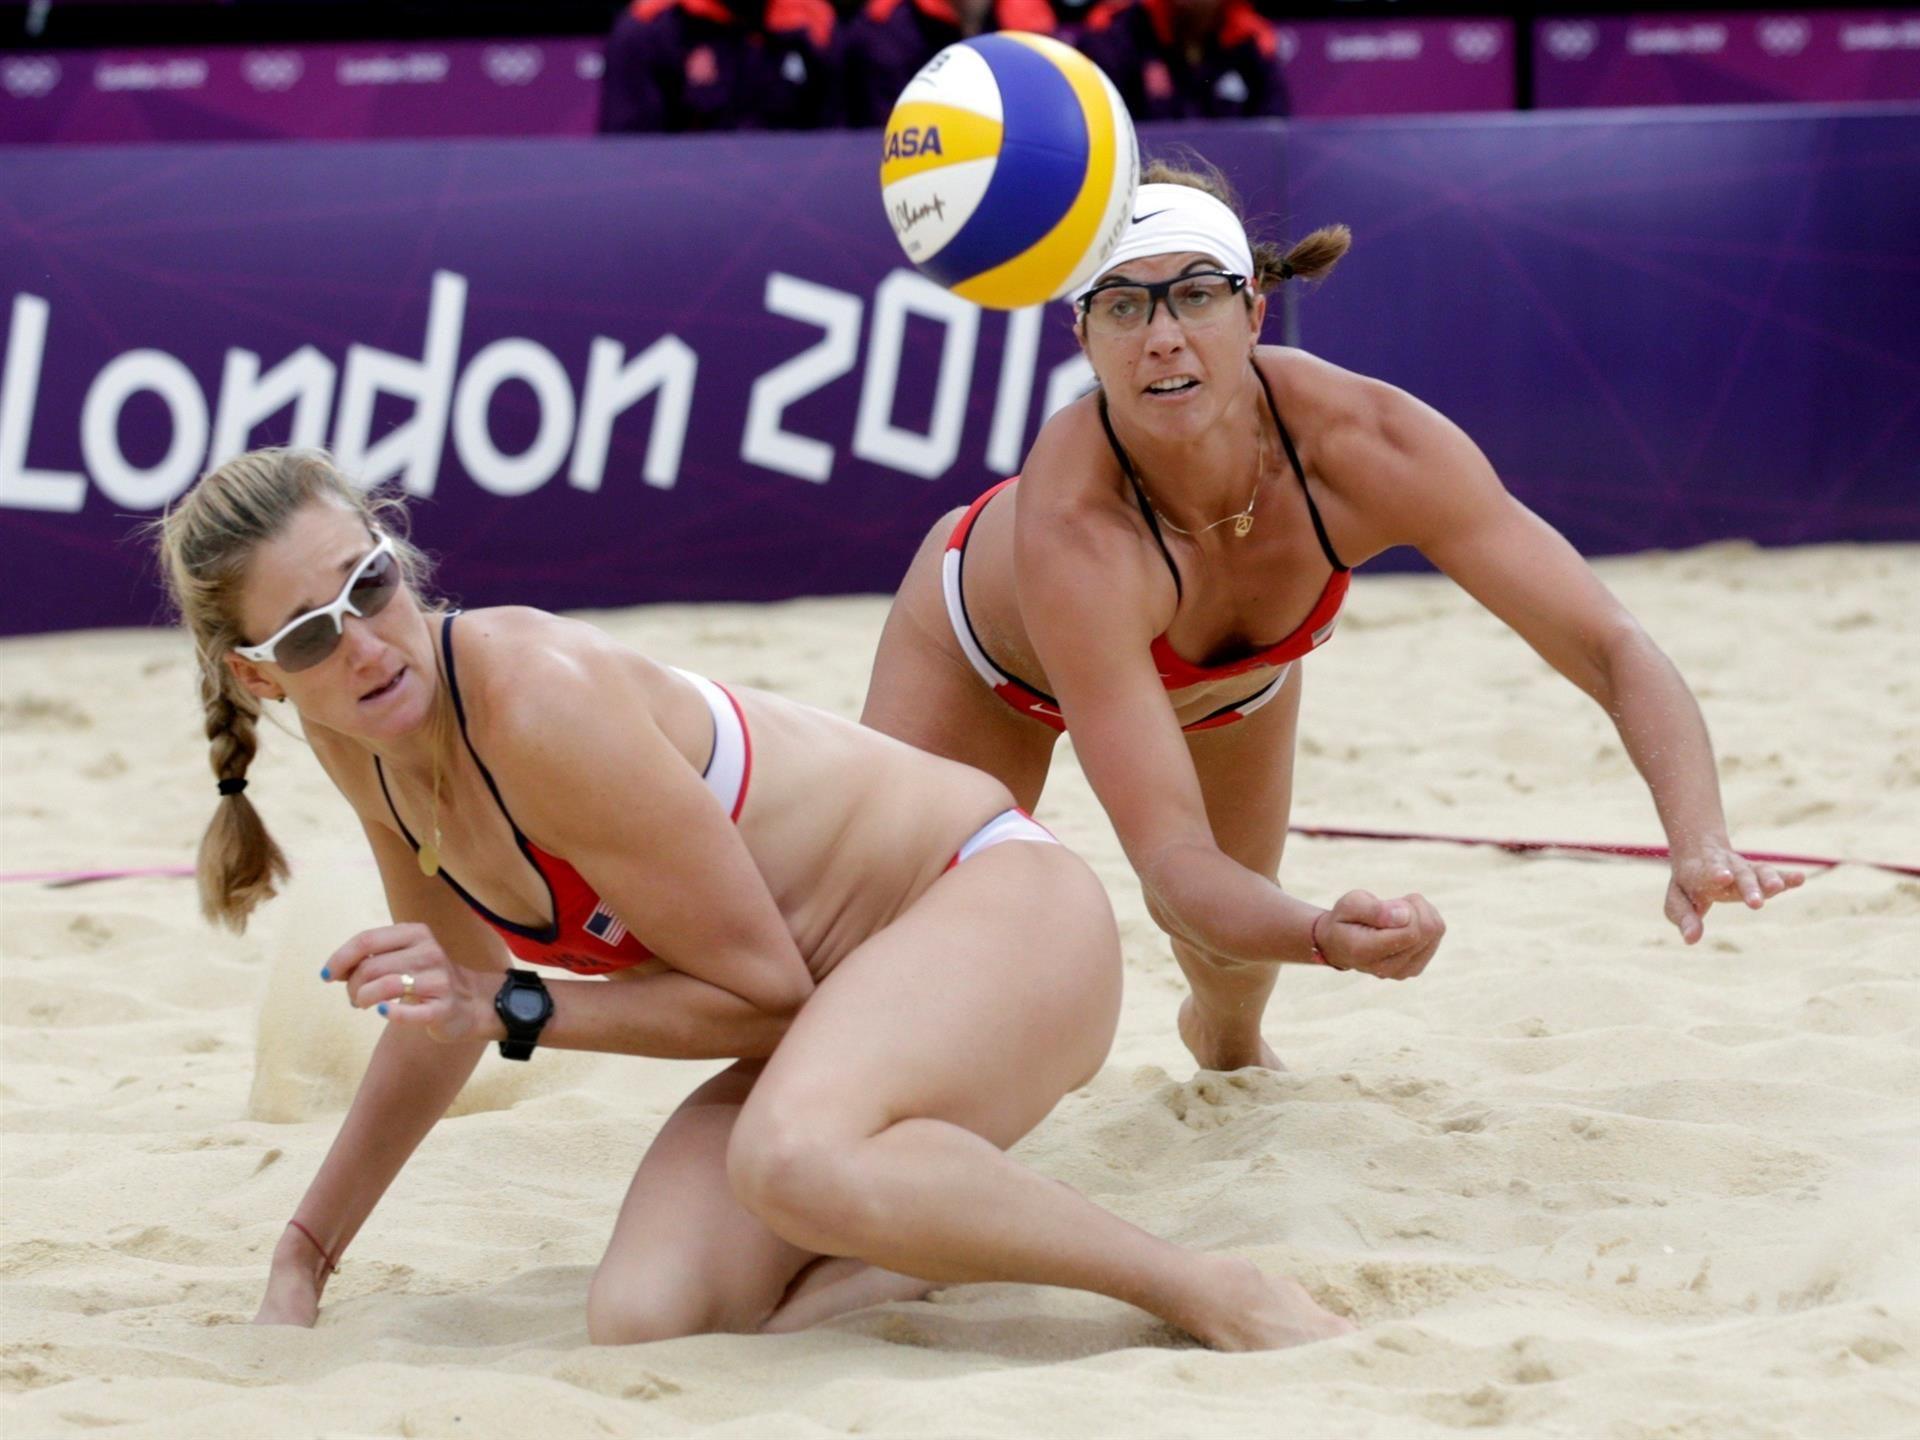 1920x1440 Hot Beach Volleyball Womans Match Wallpapers Beach Volleyball Olympics Volleyball